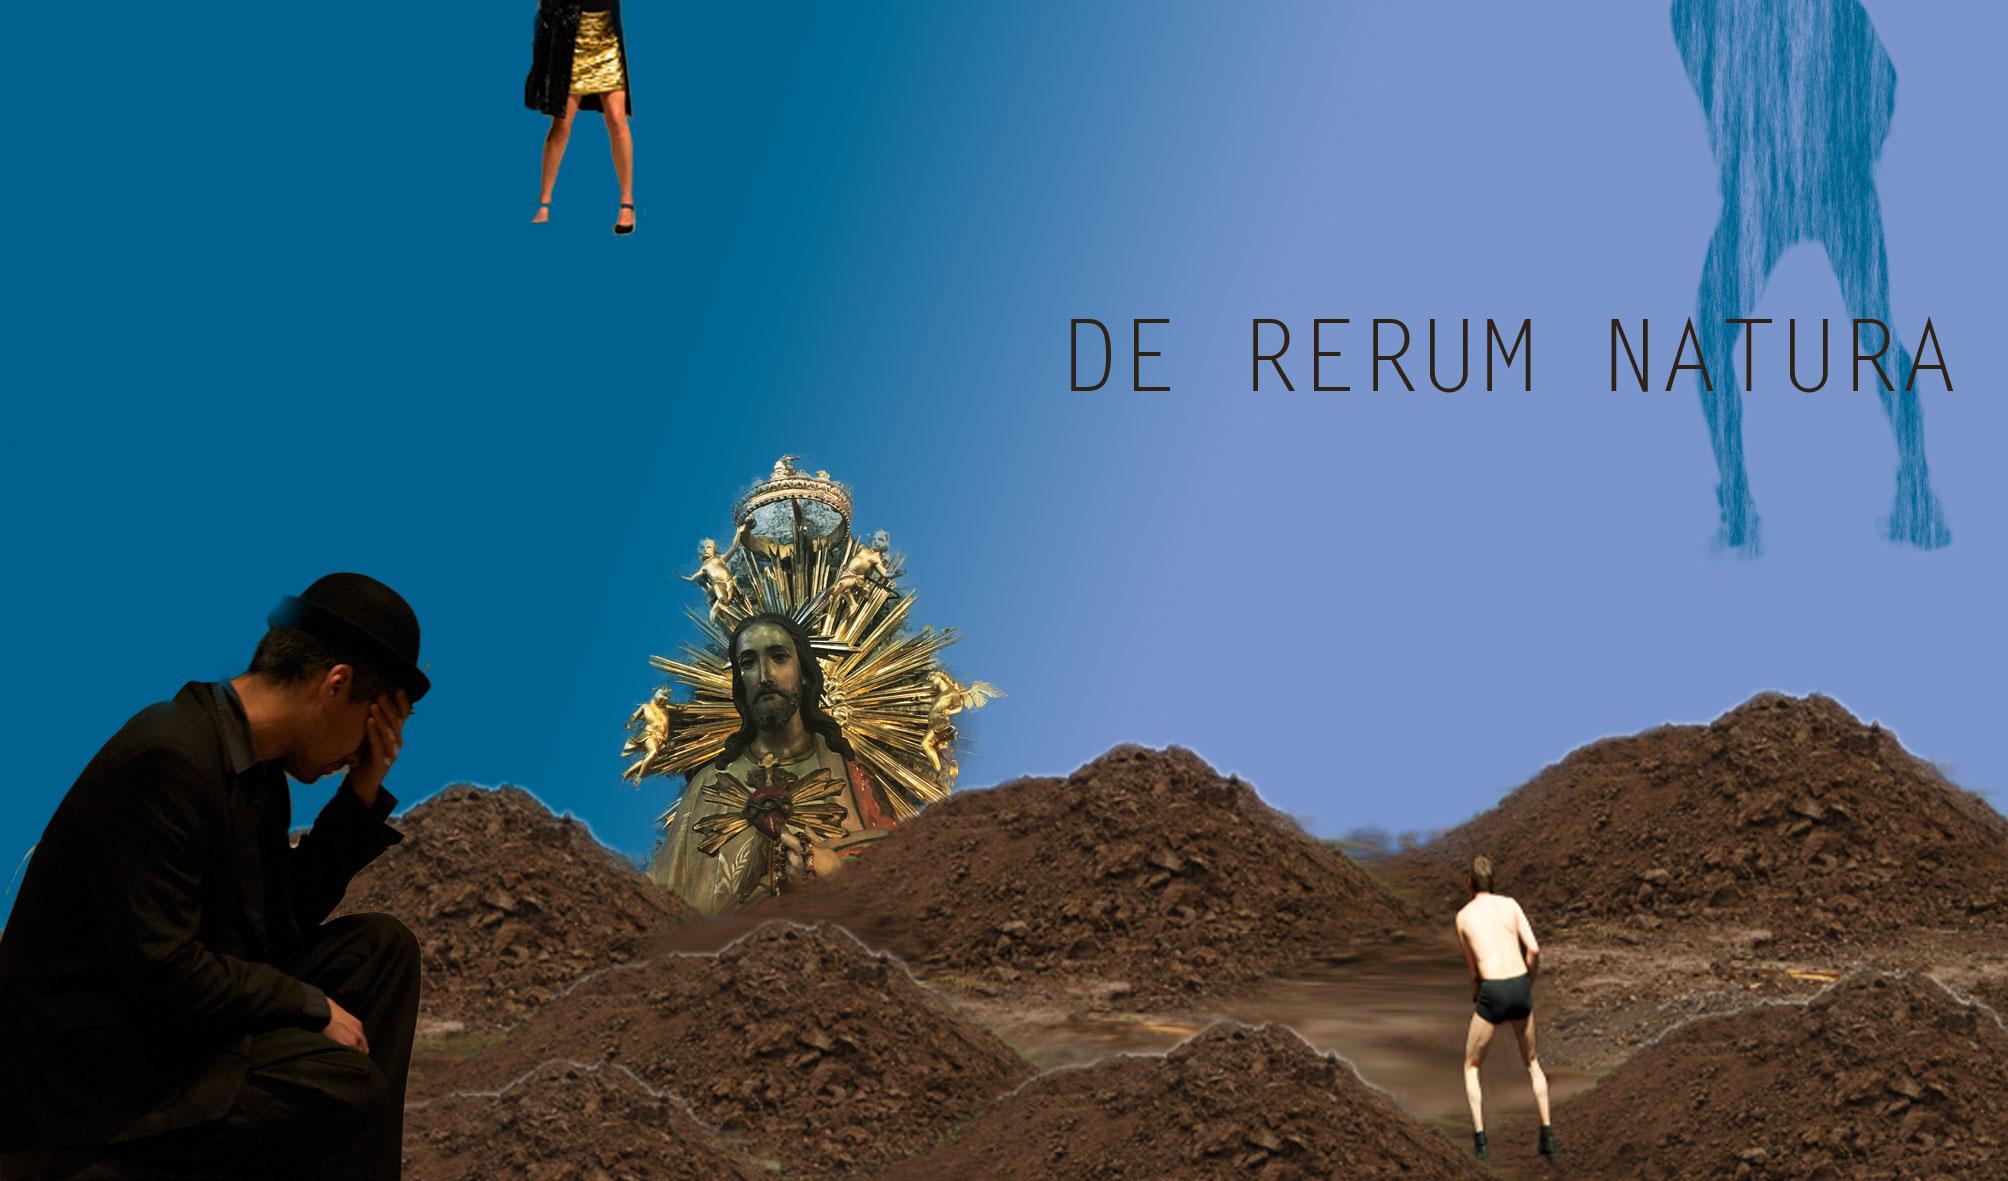 DE-RERUM-NATURAz